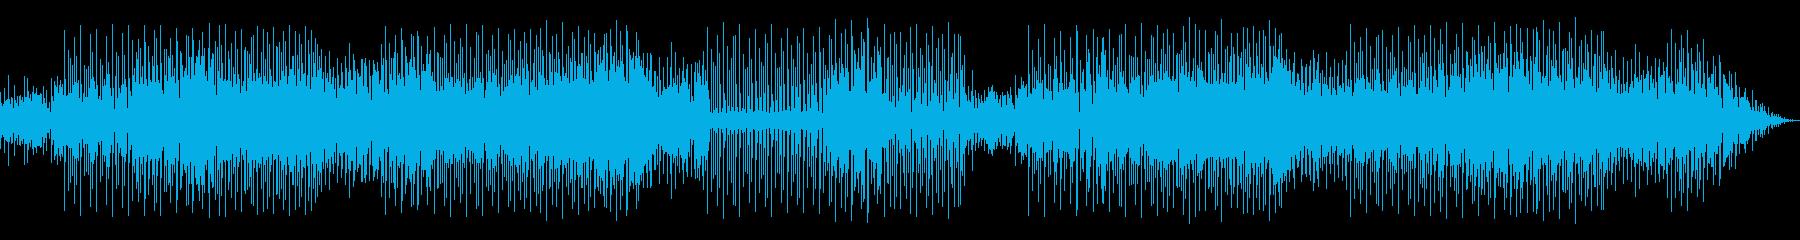 無国籍な流浪のキャラバン ハング カホンの再生済みの波形